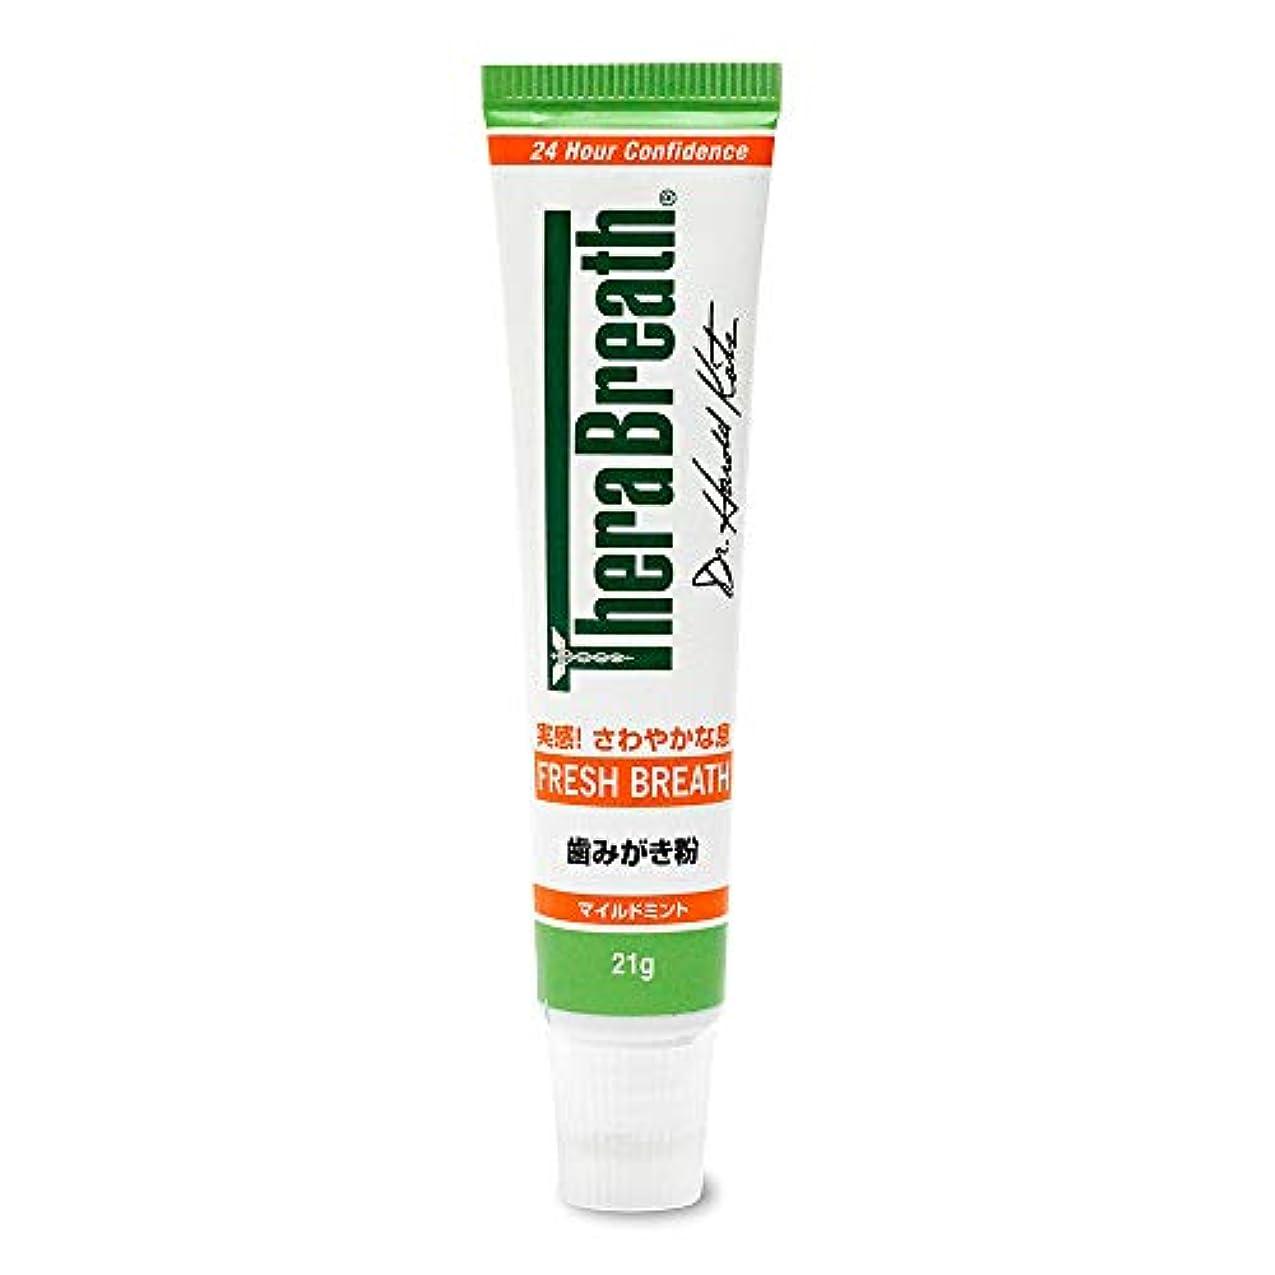 これまで構想する稼ぐTheraBreath (セラブレス) セラブレス トゥースジェル ミニサイズ 21g (正規輸入品) 舌磨き